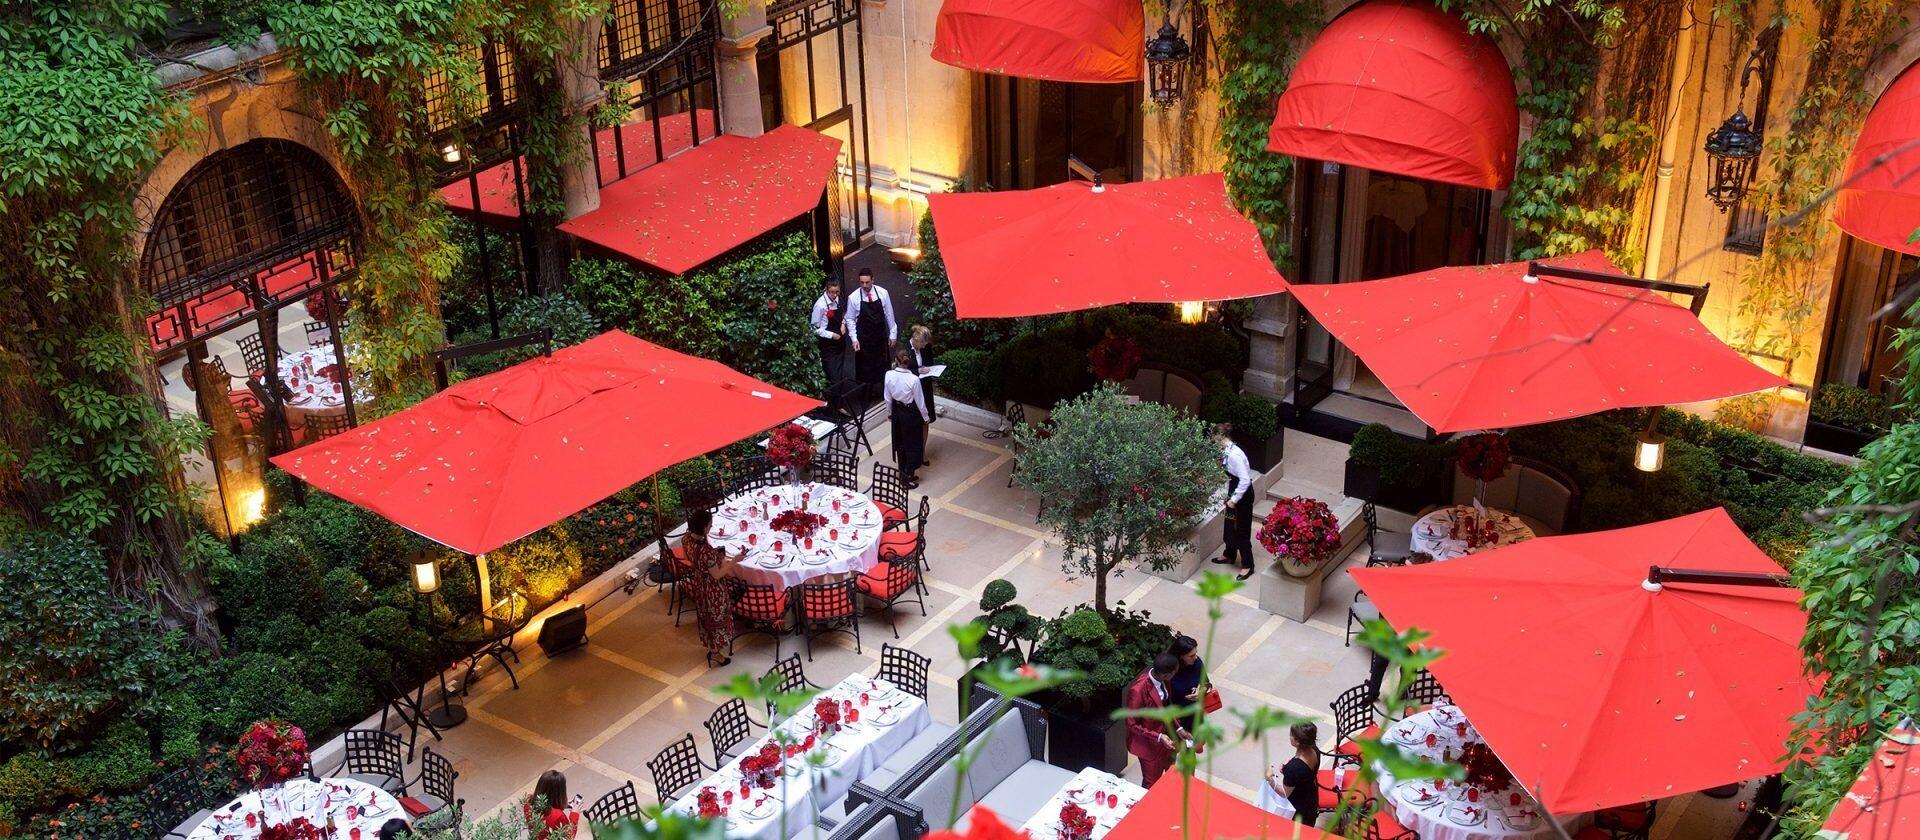 La cour jardin paris hotel plaza ath n e dorchester - Salon prestige organza ...